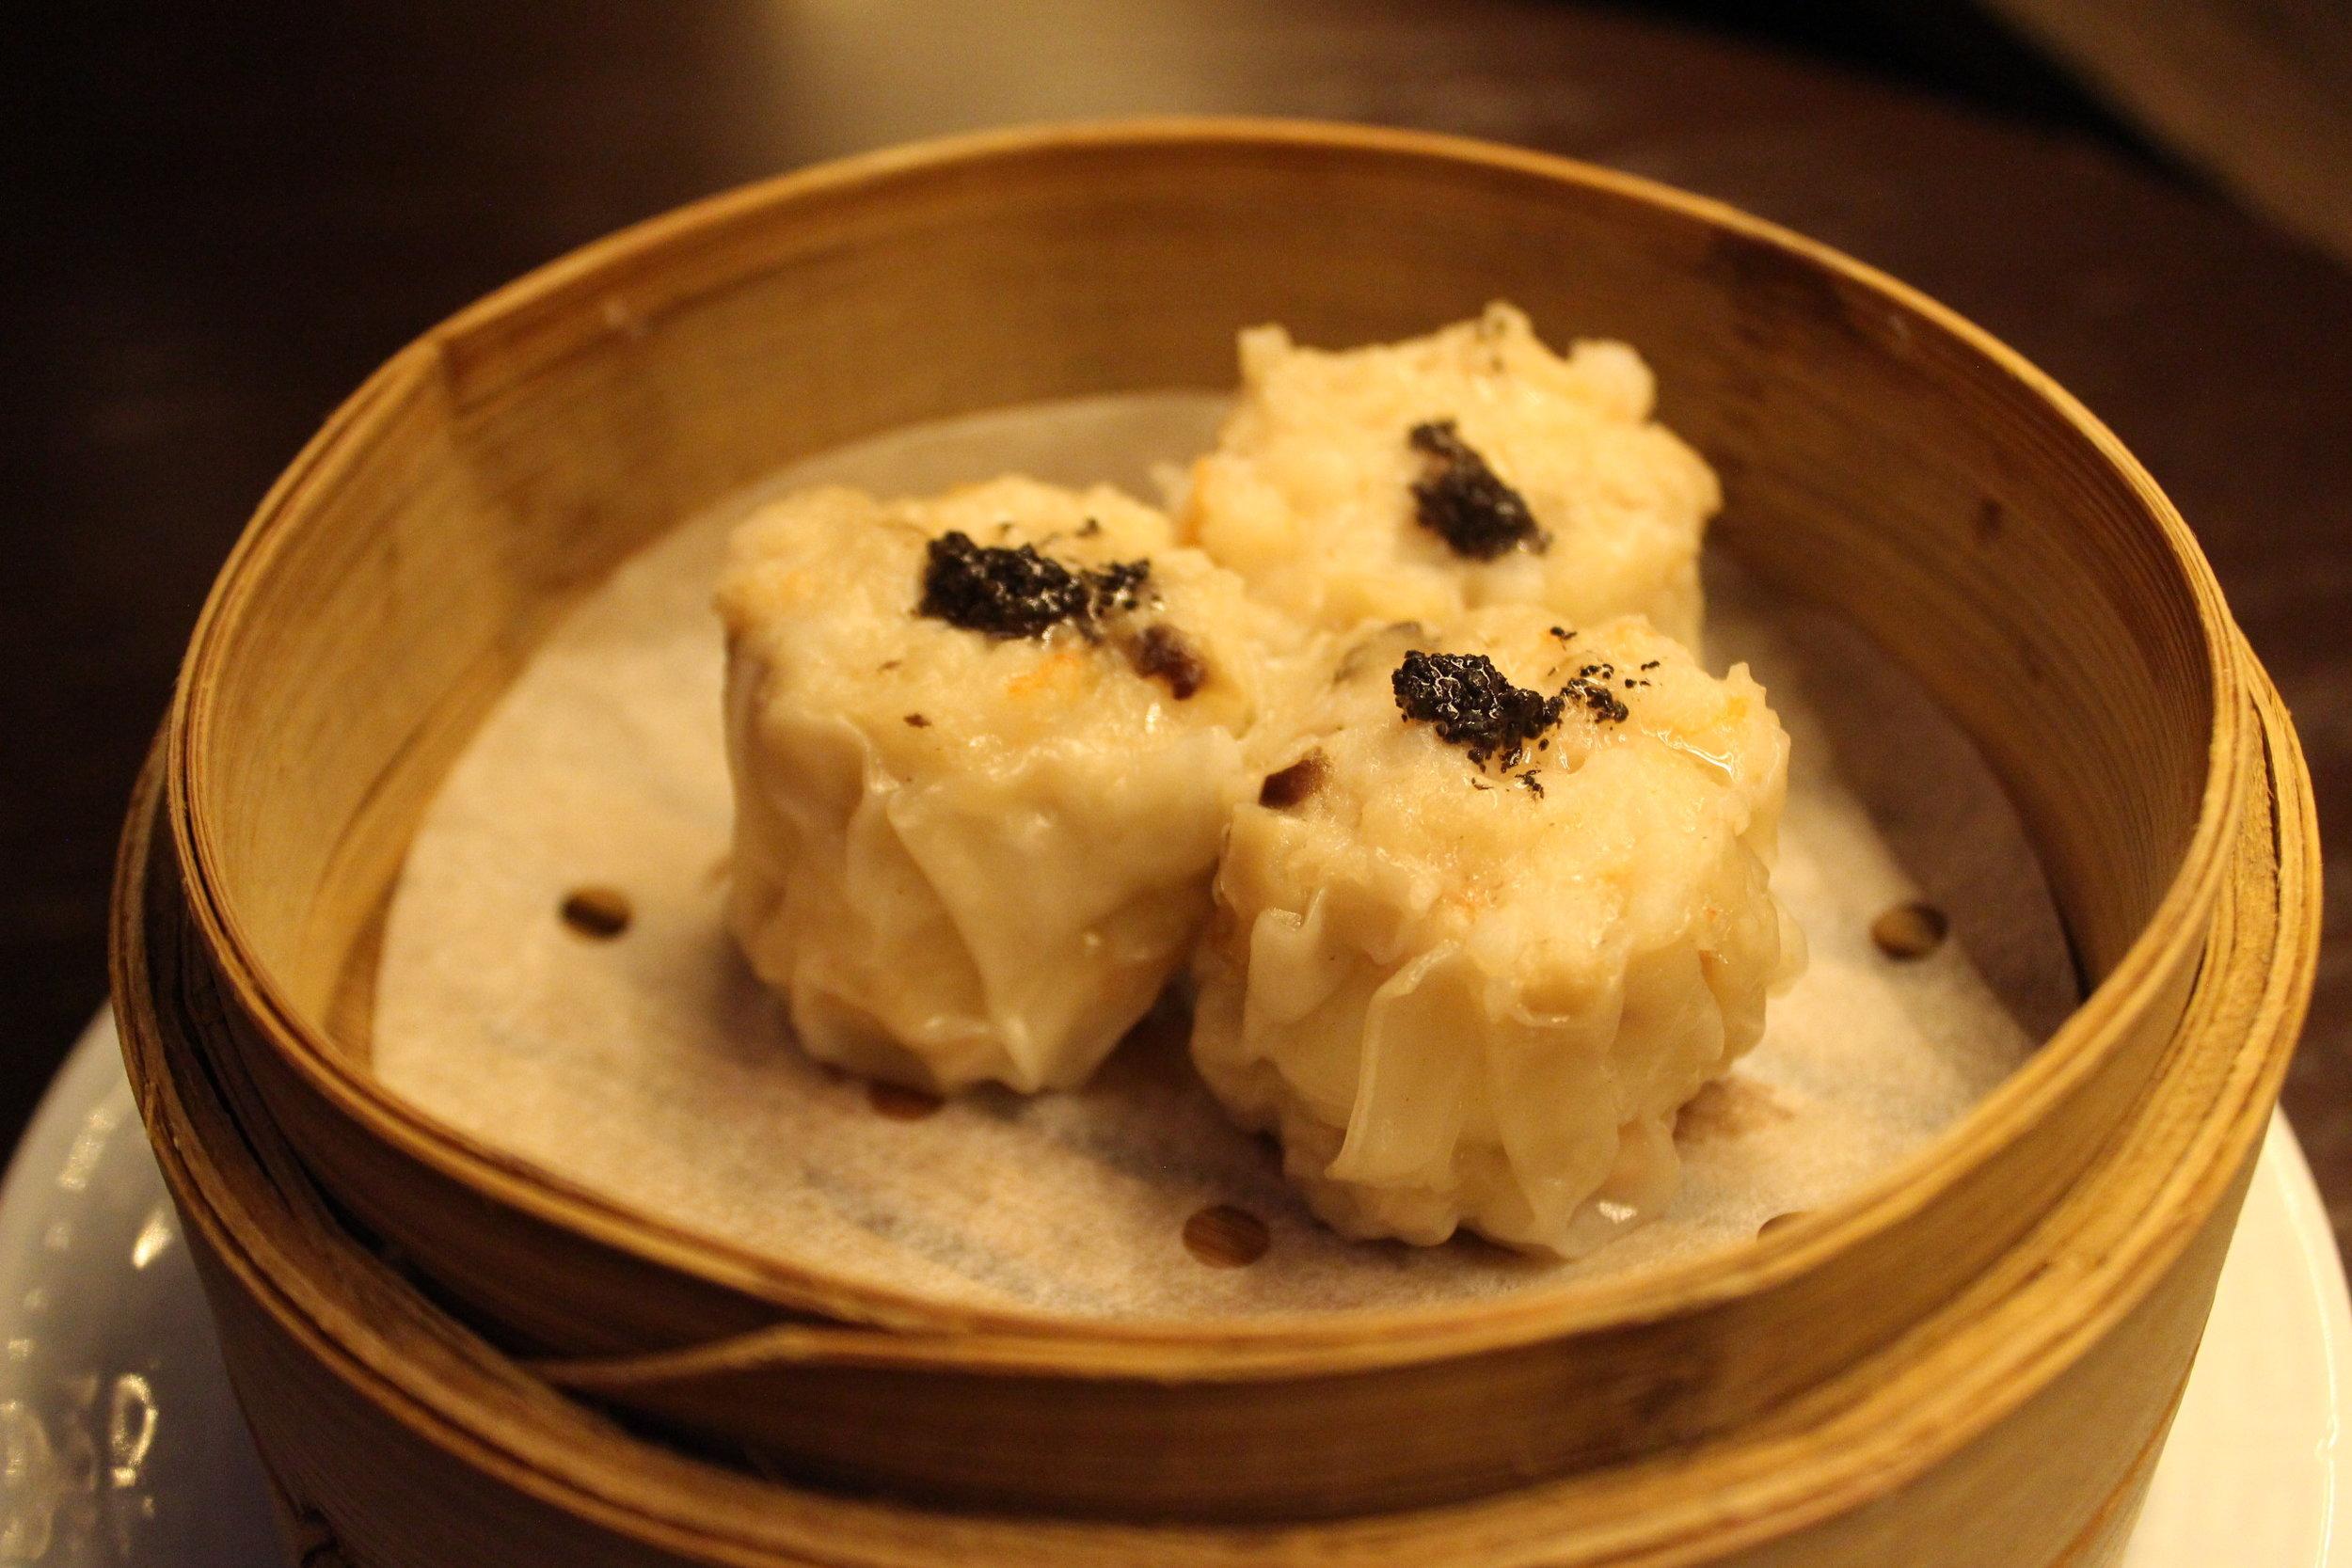 Soft Quail Egg, Iberico Pork, Black Truffle Siu Mai